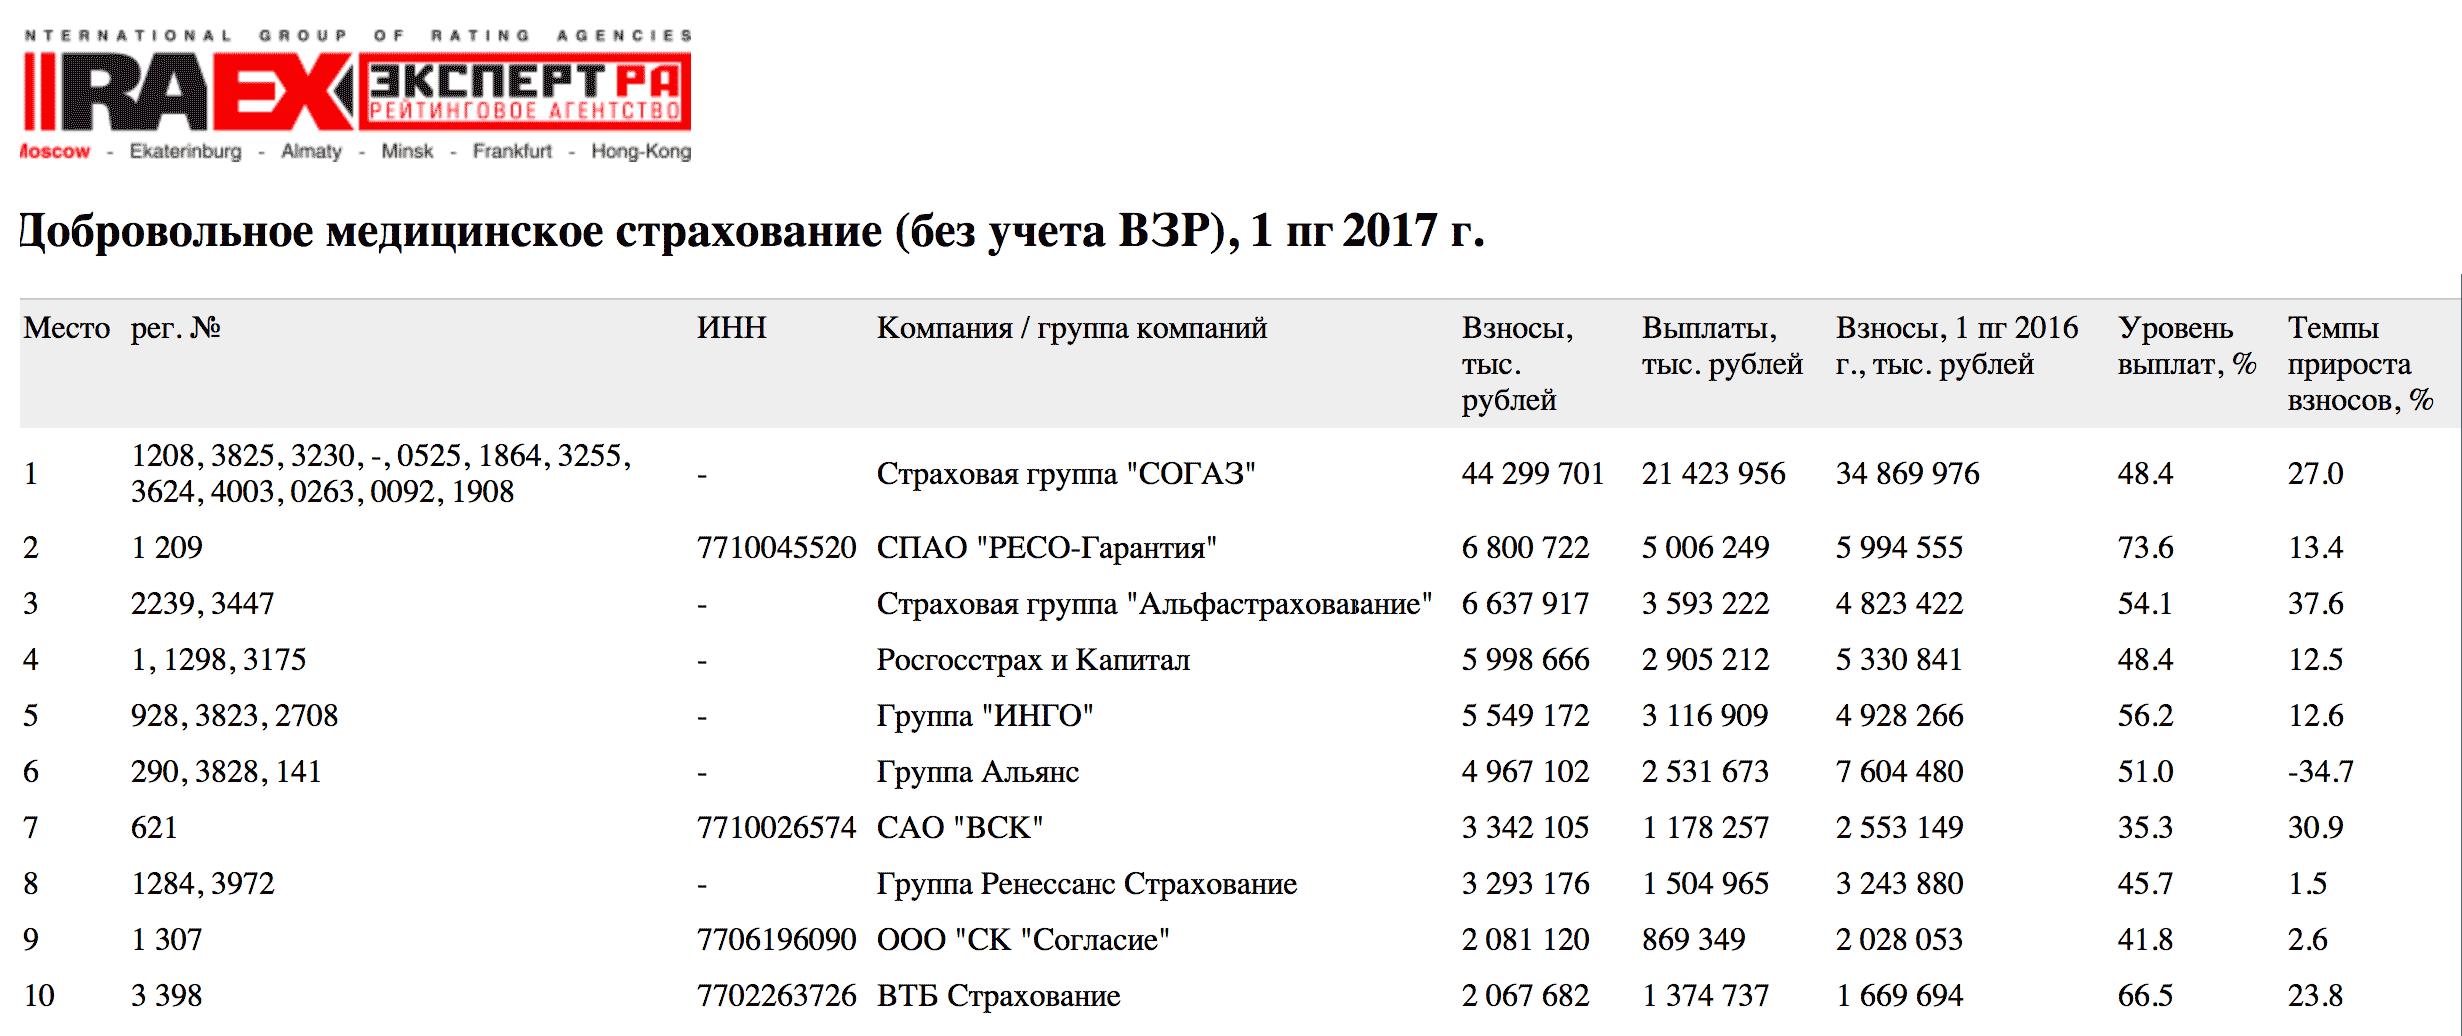 Лидирующие страховые компании на российском рынке ДМС в 2017 году, {по данным рейтингового агентства «Эксперт»}(https://raexpert.ru/printtable/?path=/insurance/1h_2017/tab09)